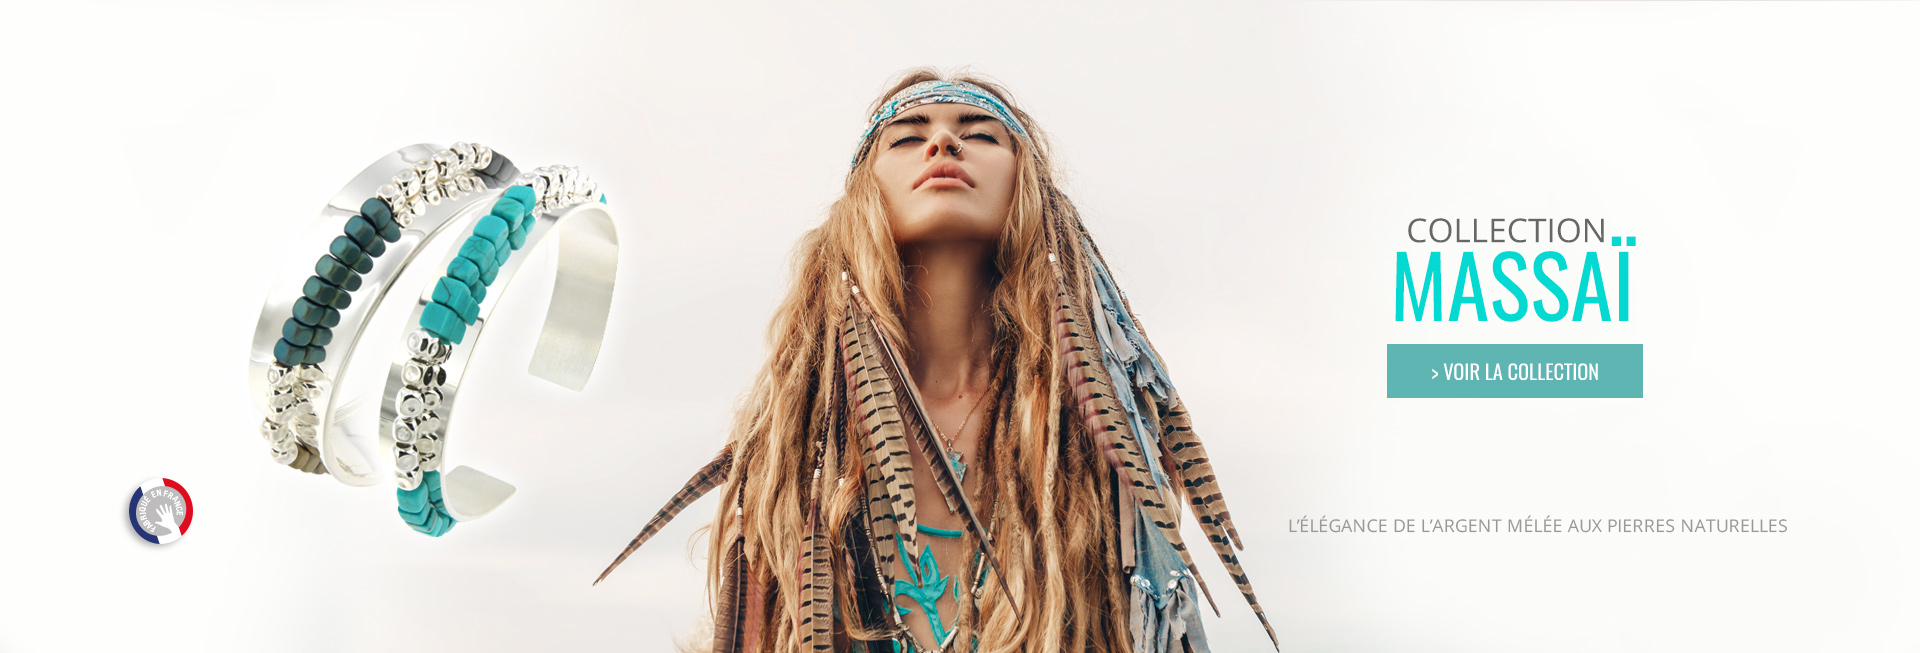 Découvrez nos Bijoux Massaï, bracelet ethnique chic en Argent et pierre turquoise, made in France